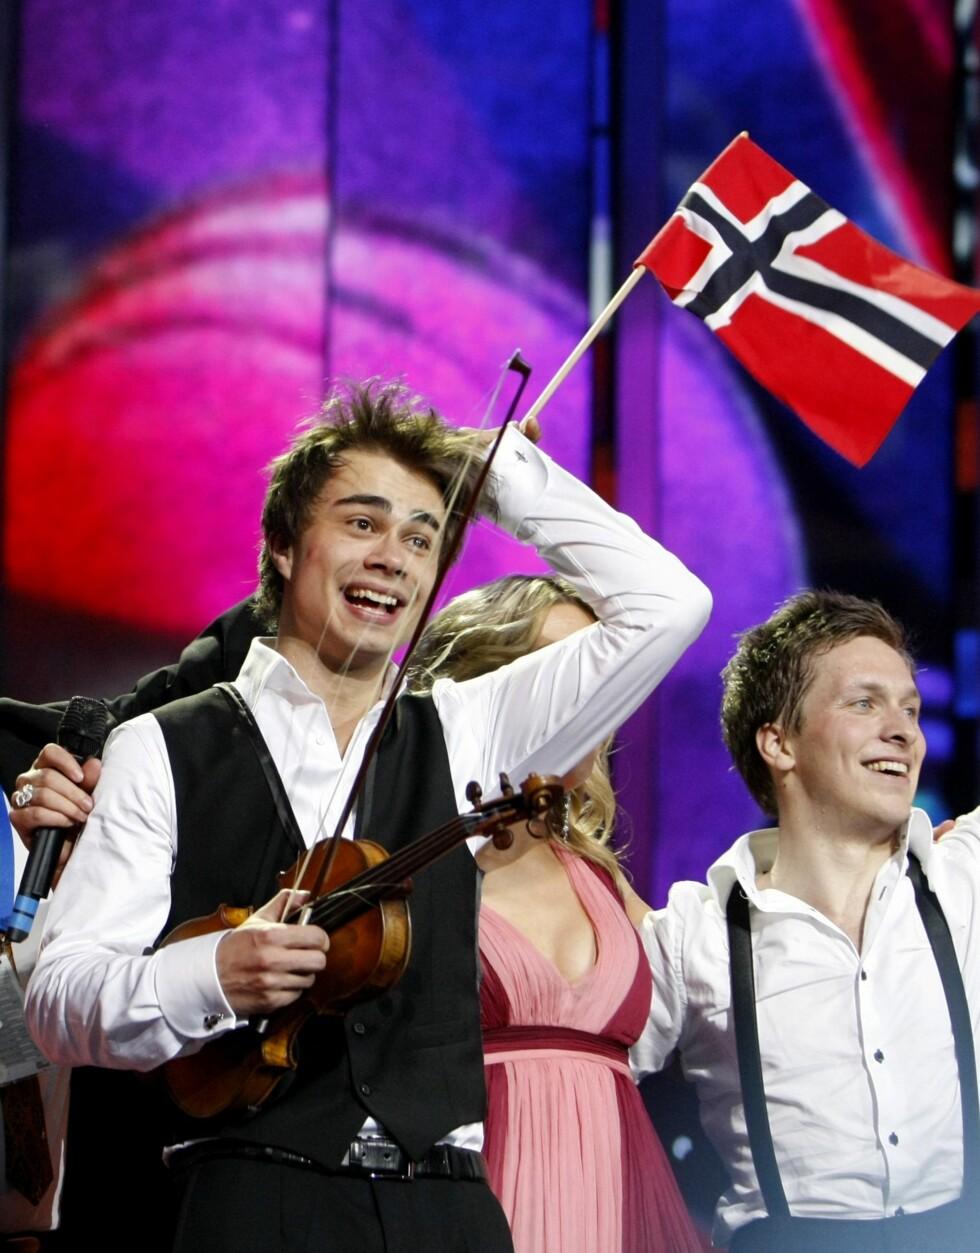 OVERLEGEN SEIER: En himmelfallen Alexander Rybak etter at seieren var et faktum i Eurovision Song Contest i Moskva i mai 2009. Foto: REUTERS